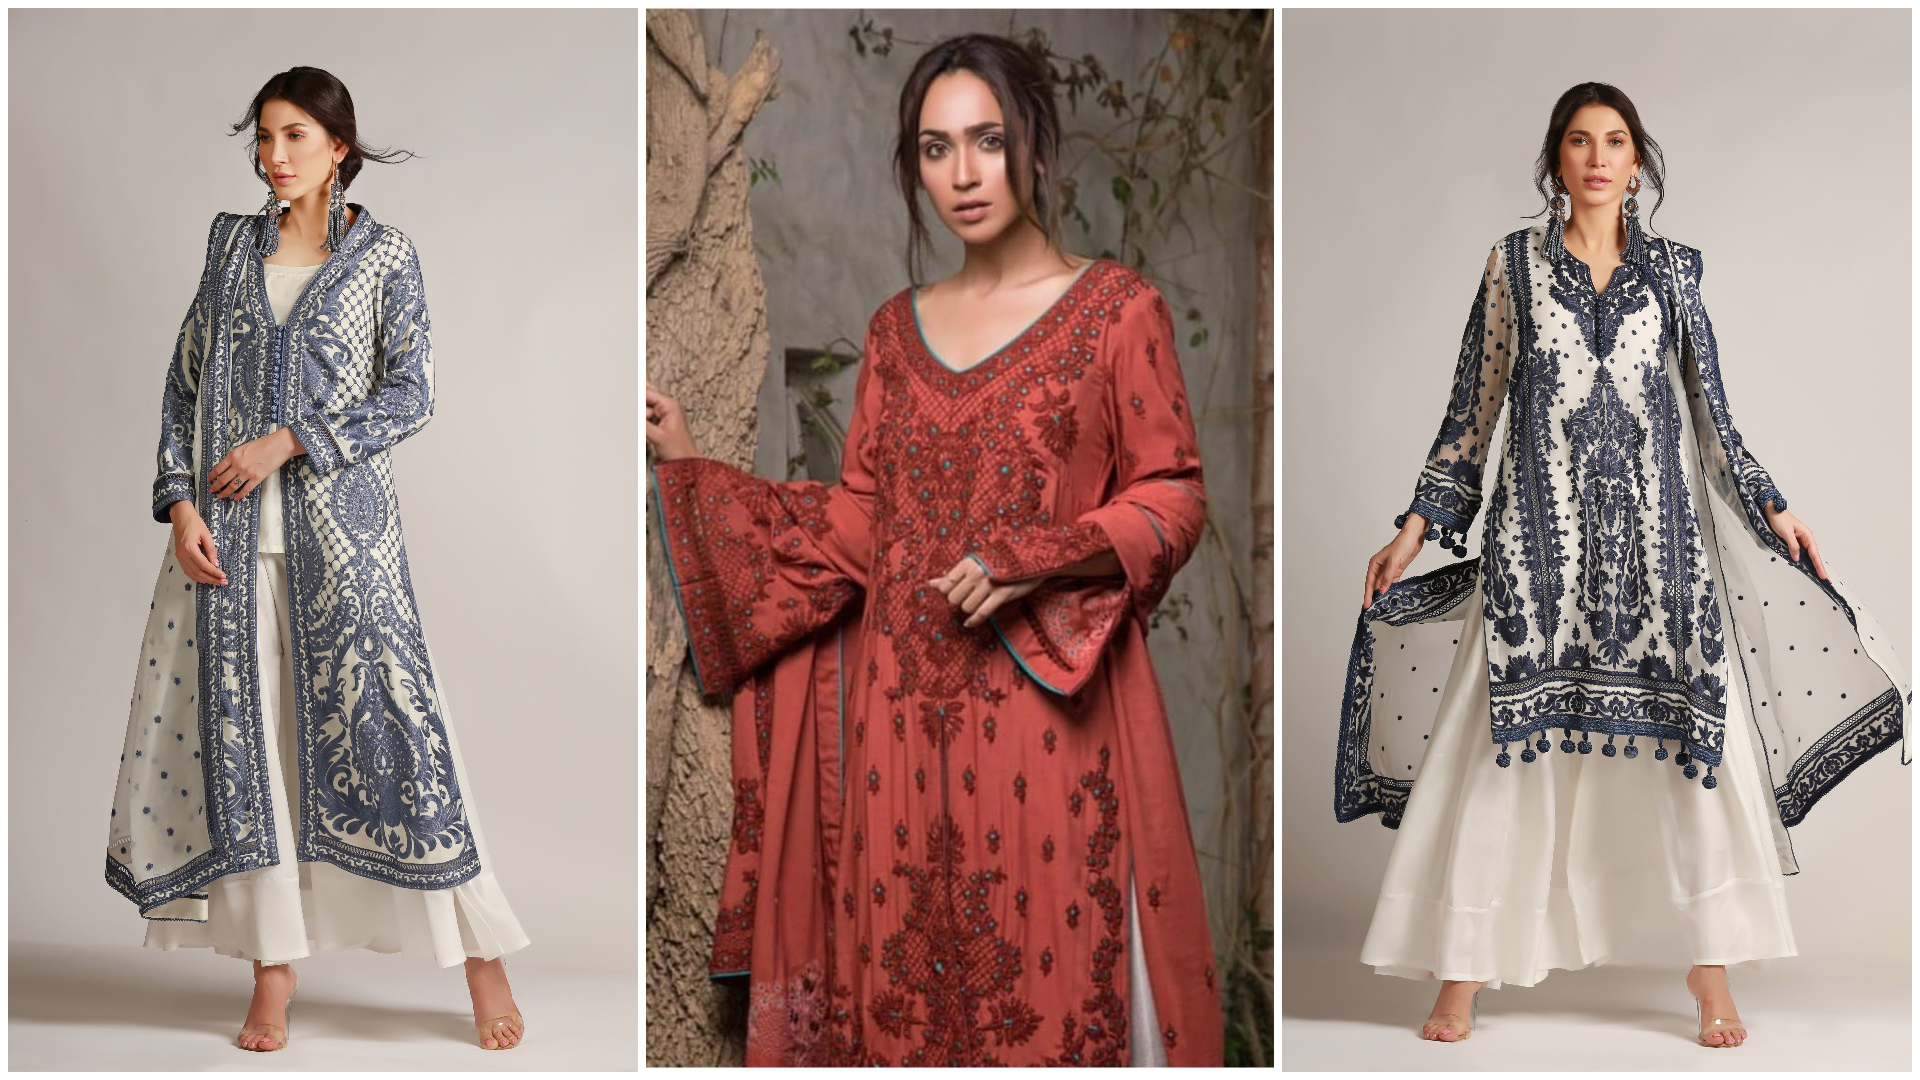 Khaadi Khaas 'Gypsy' Collection at Pantene Hum Showcase 2019